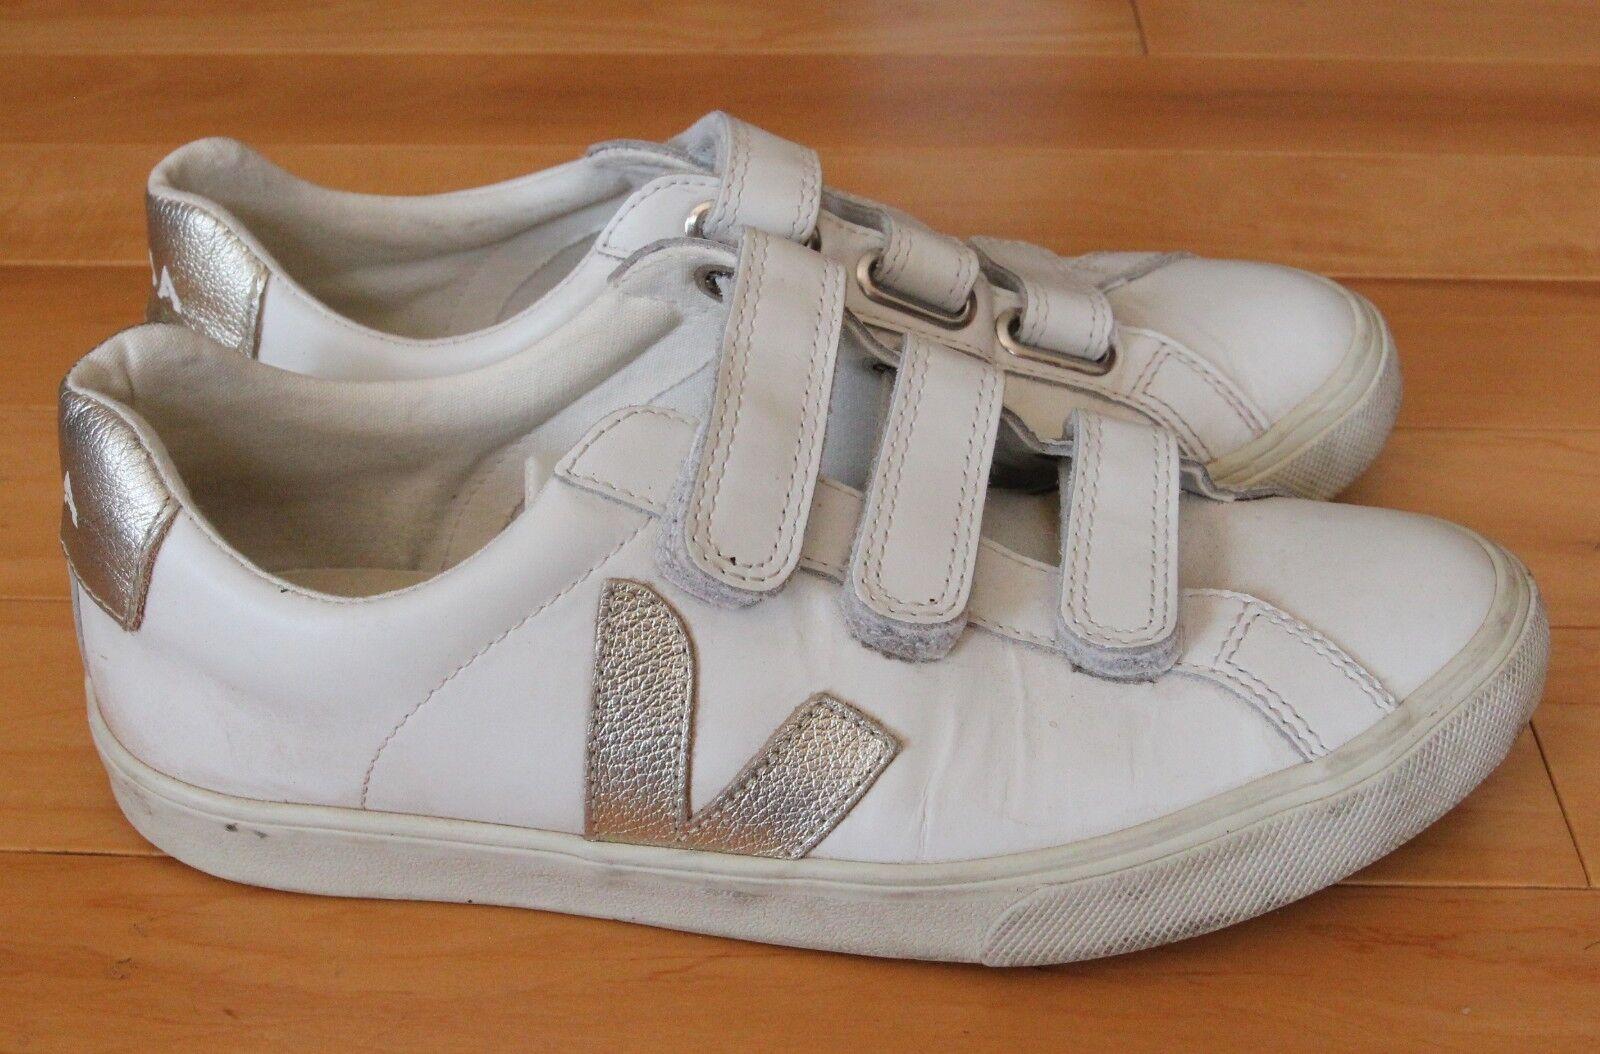 Veja Esplar Schuhes WEISS Silver Größe 8